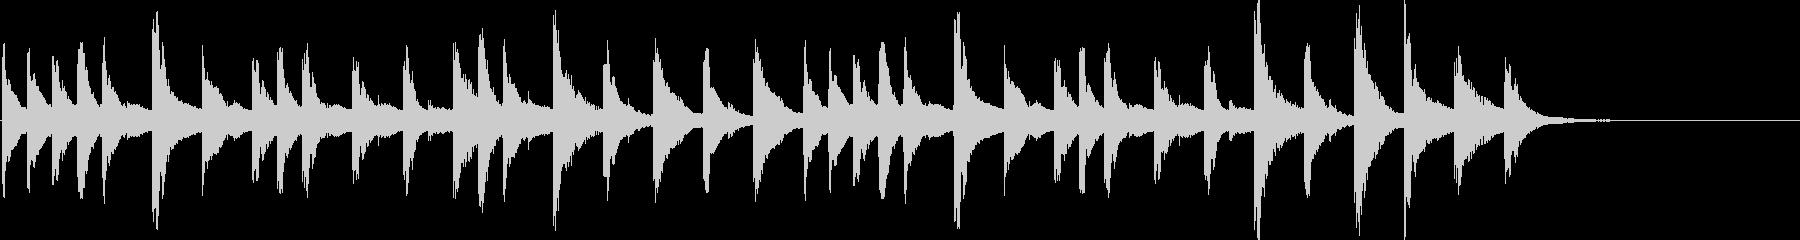 爽やかなマリンバのジングルの未再生の波形